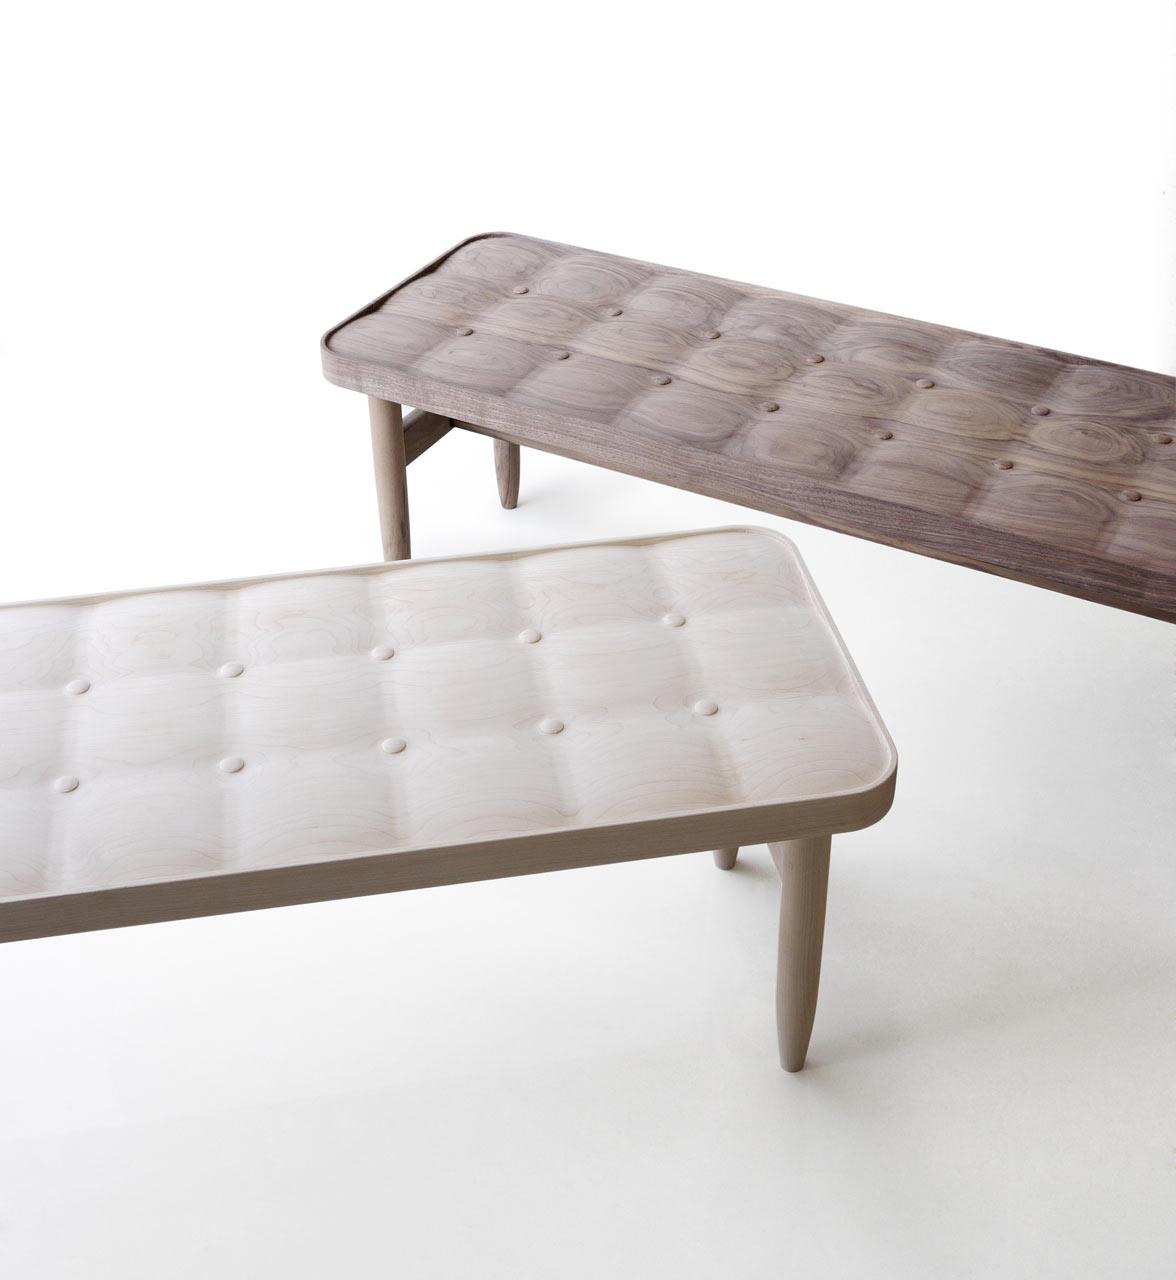 Ruskasa-Carved-Wood-3-RU-ST007-bench